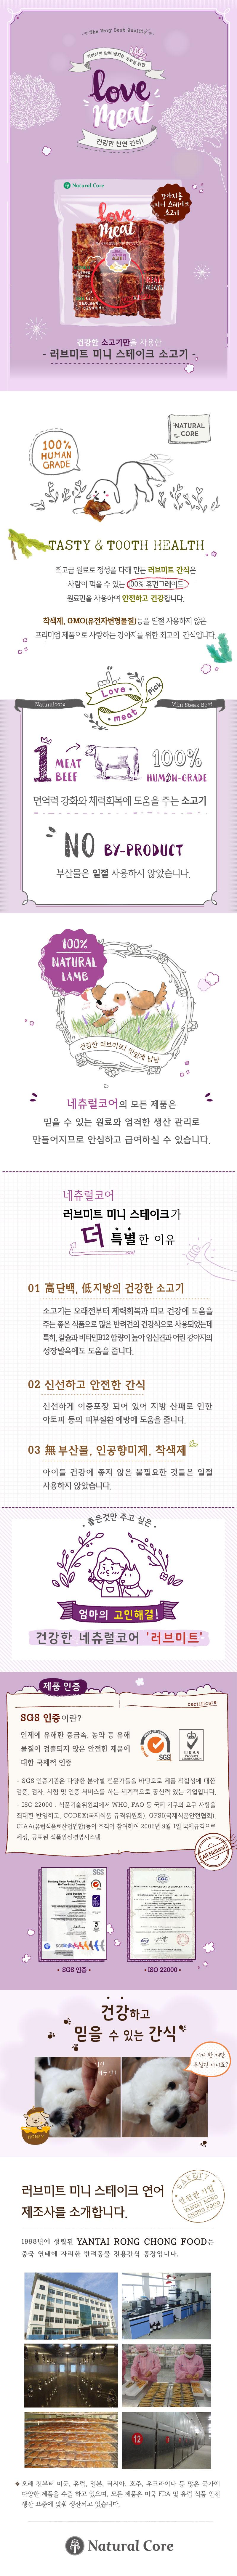 강아지간식 러브미트 스테이크 소고기 180g - 스토어봄, 8,690원, 간식/영양제, 육포/사사미